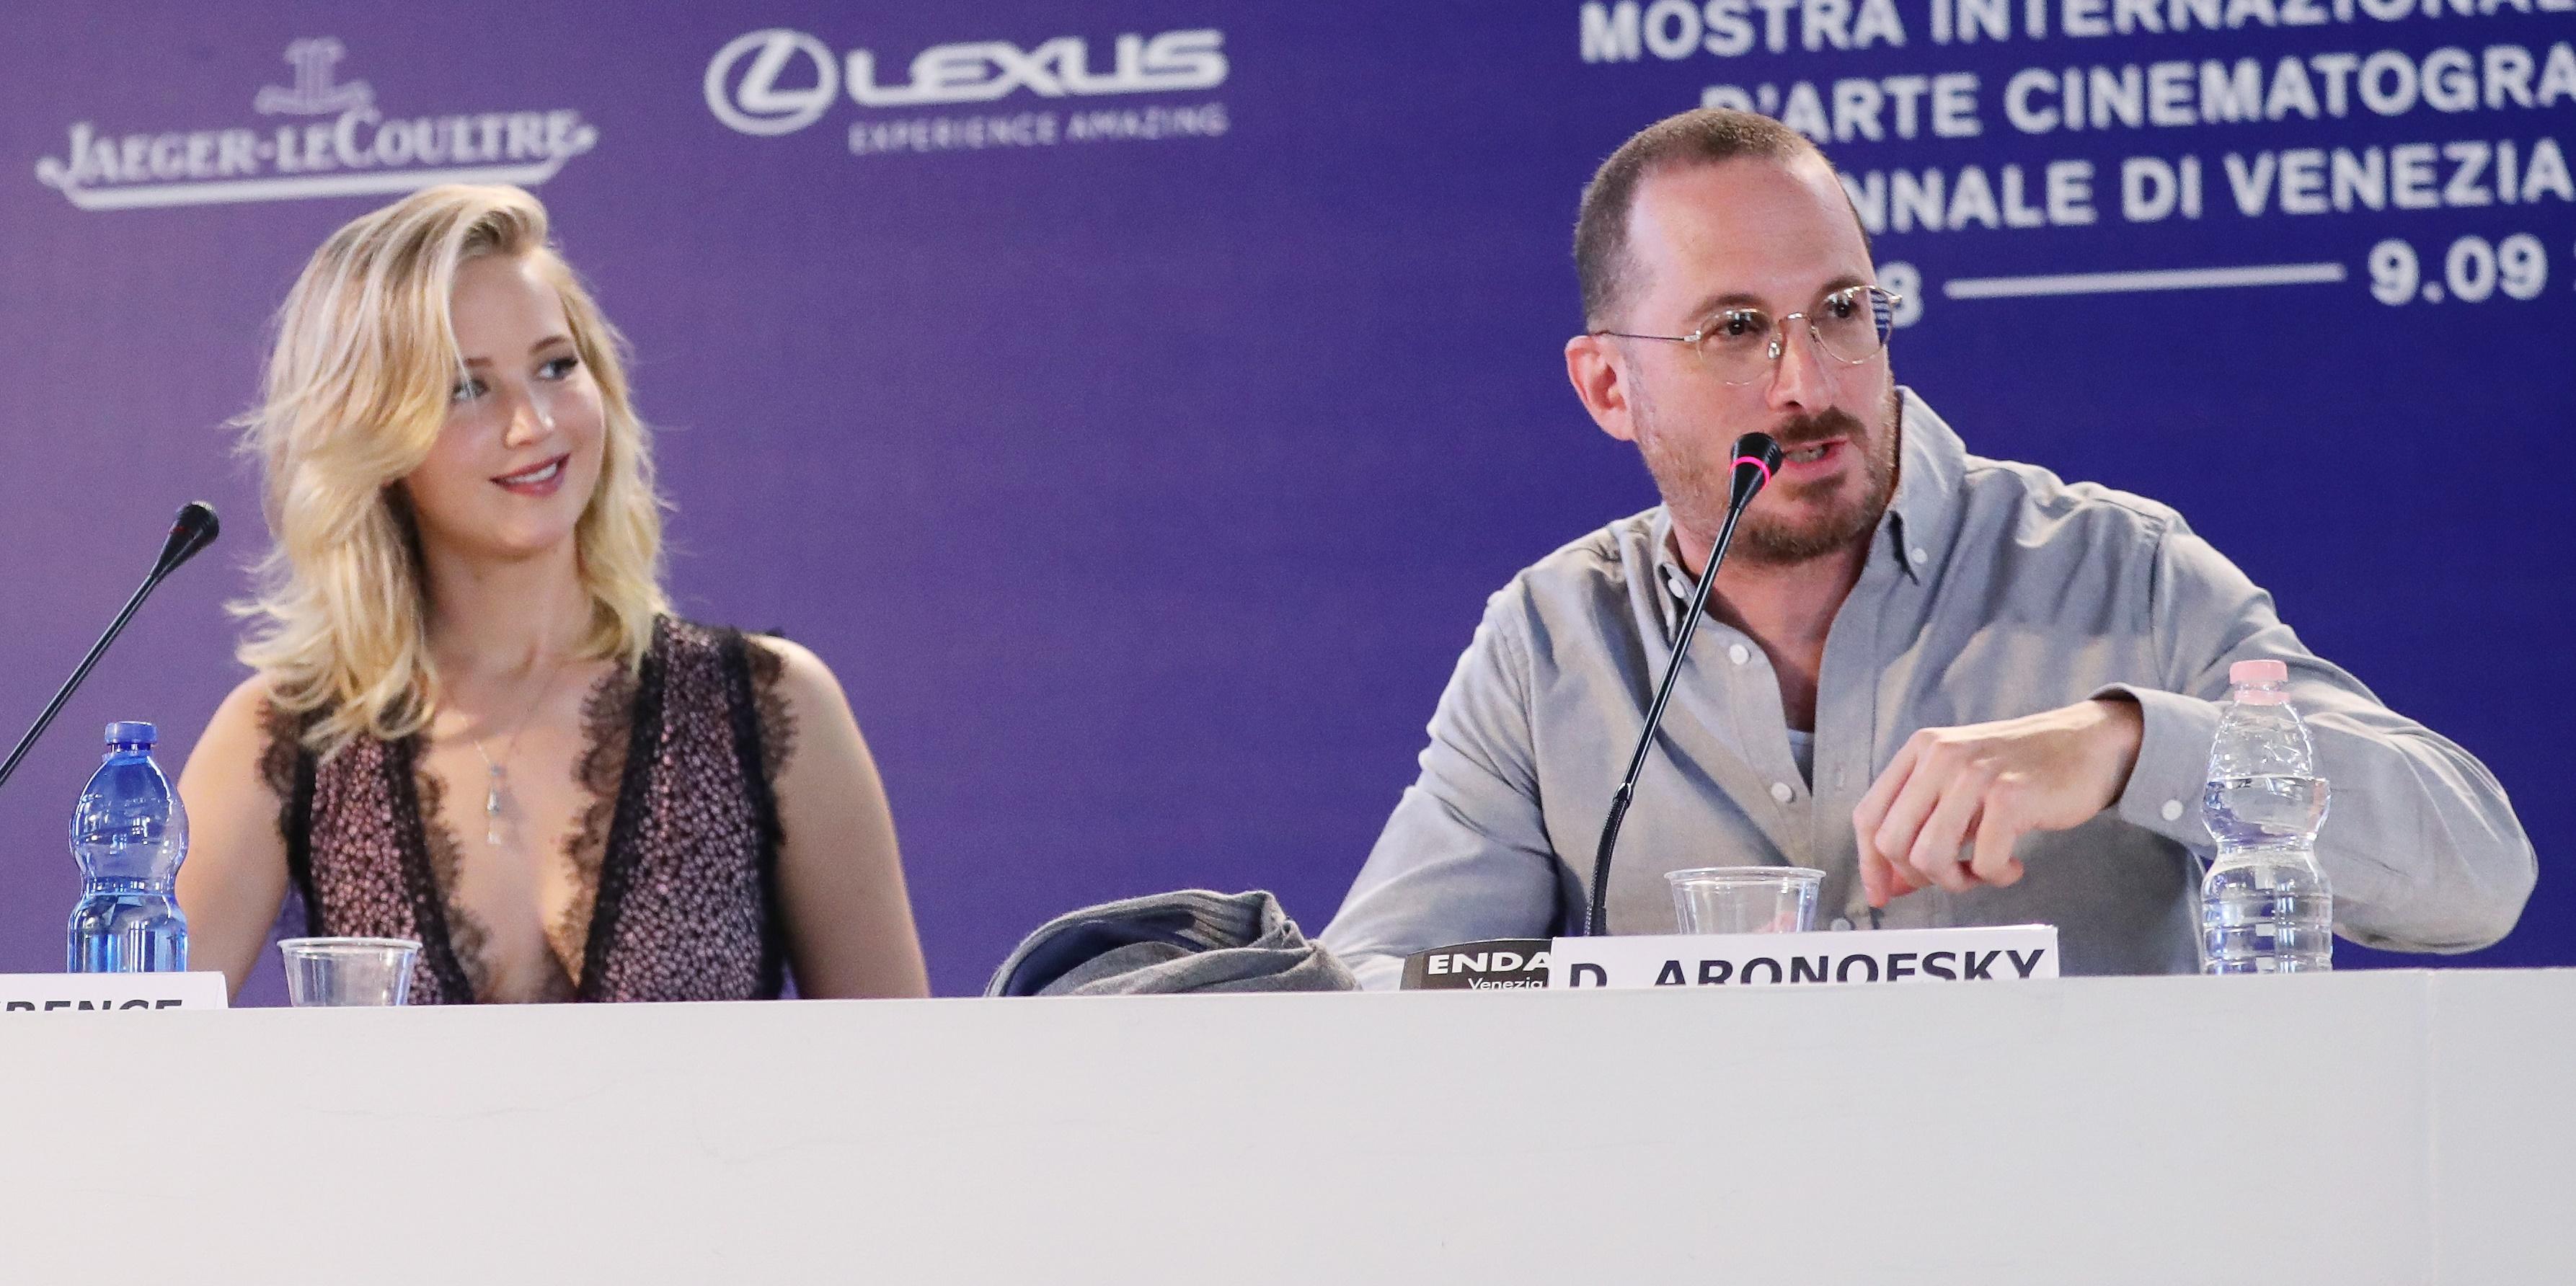 Jennifer Lawrence revela reação curiosa de quando leu roteiro do namorado Darren Aronofsky: 'Você tem sérios problemas psicológicos'